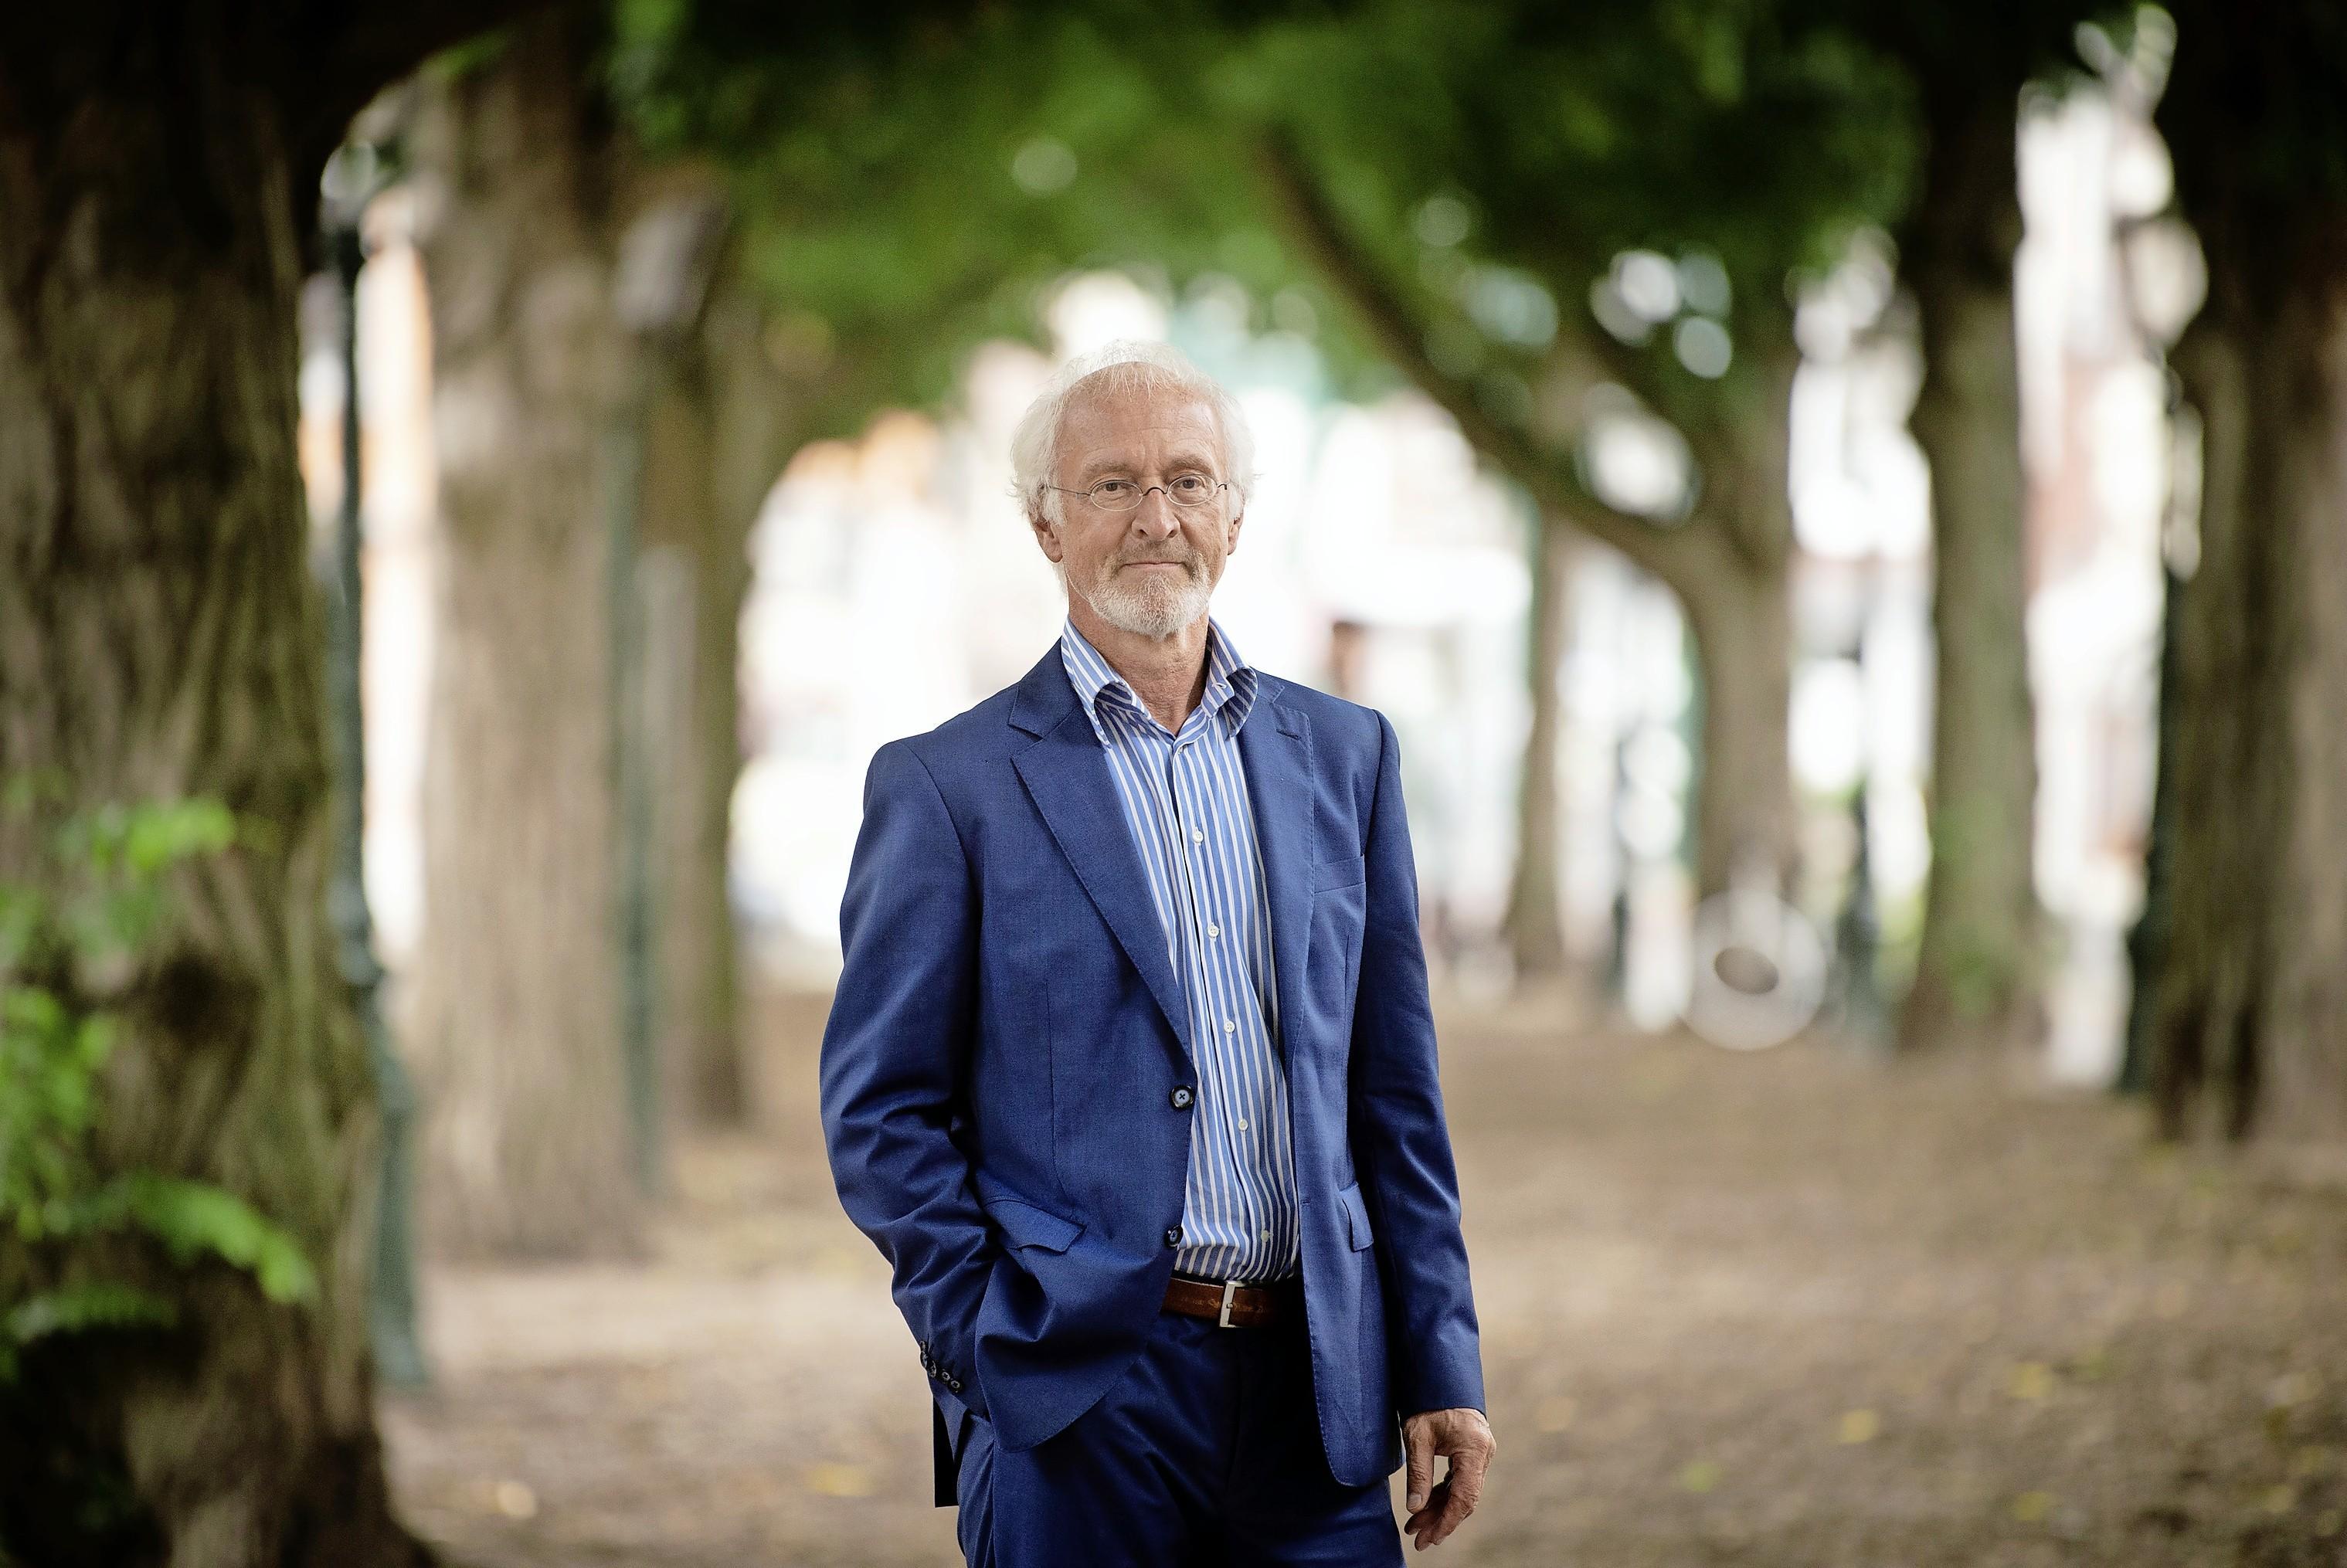 Aanbesteding hakt erin bij Leidse welzijnsorganisatie voor ouderen Radius